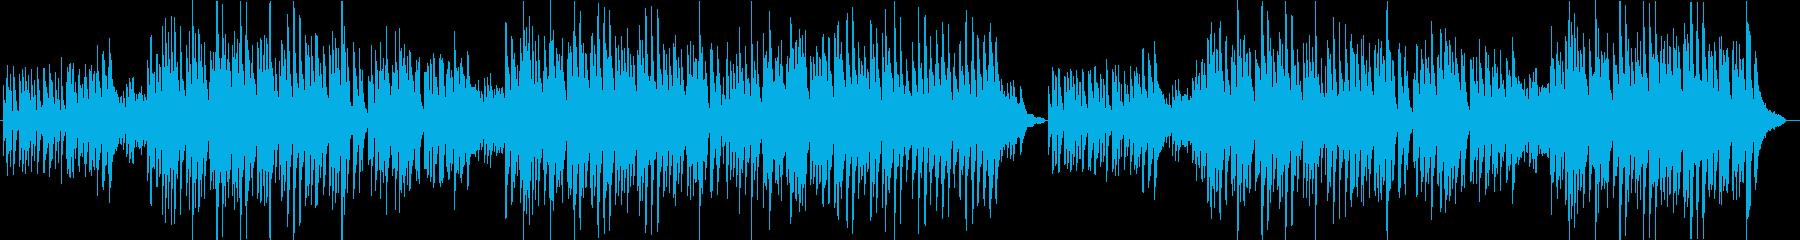 哀愁感のあるピアノバラード曲の再生済みの波形